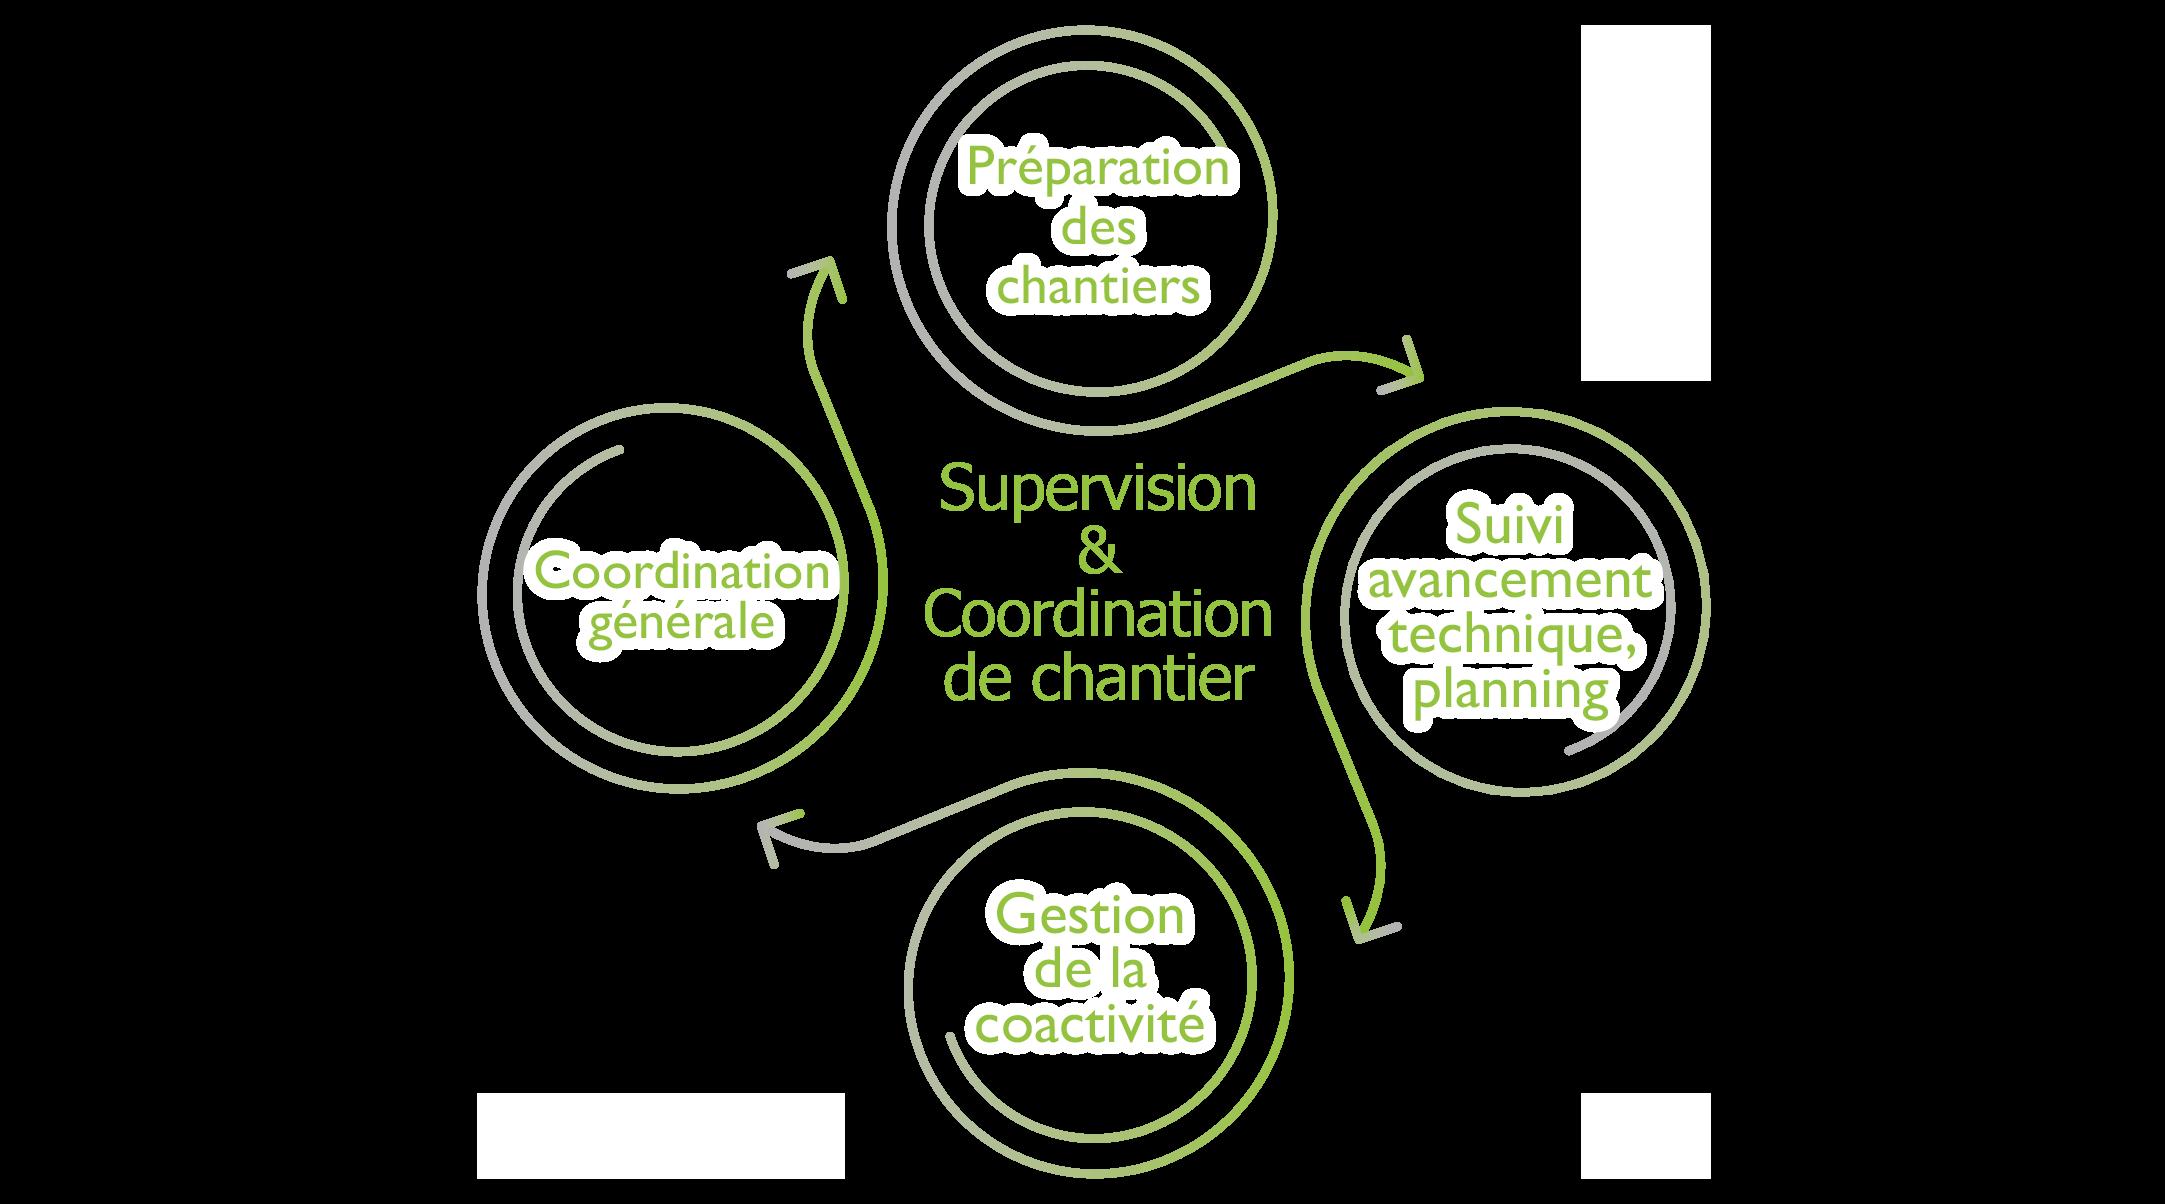 Supervision et coordination de chantier